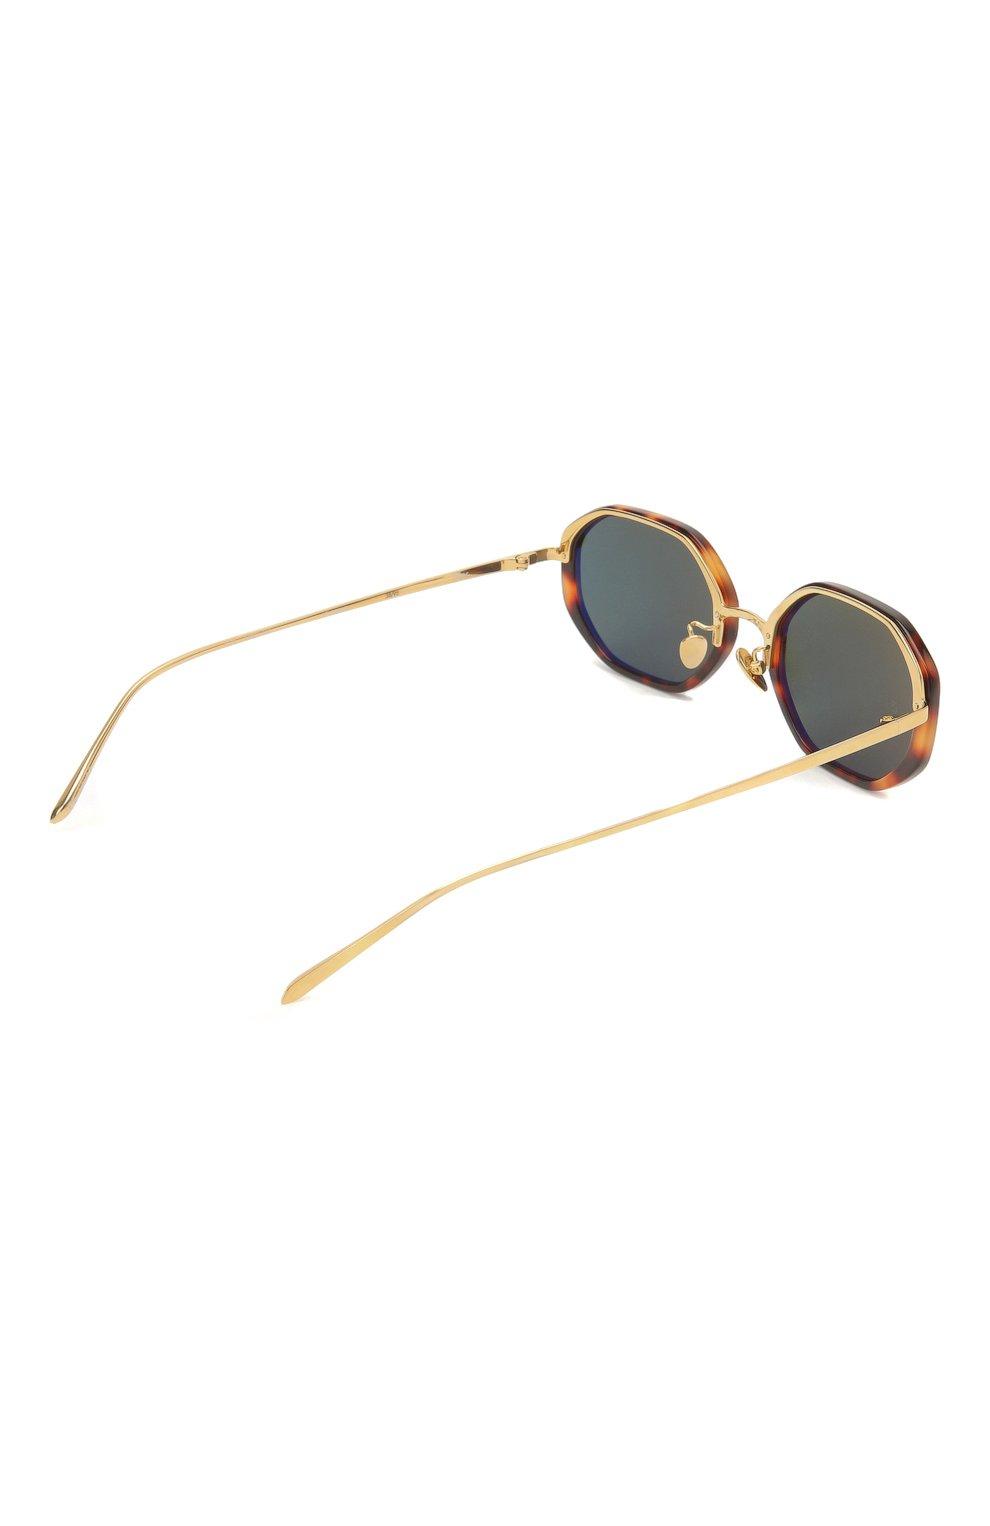 Женские солнцезащитные очки LINDA FARROW коричневого цвета, арт. LFL1084C2 SUN | Фото 4